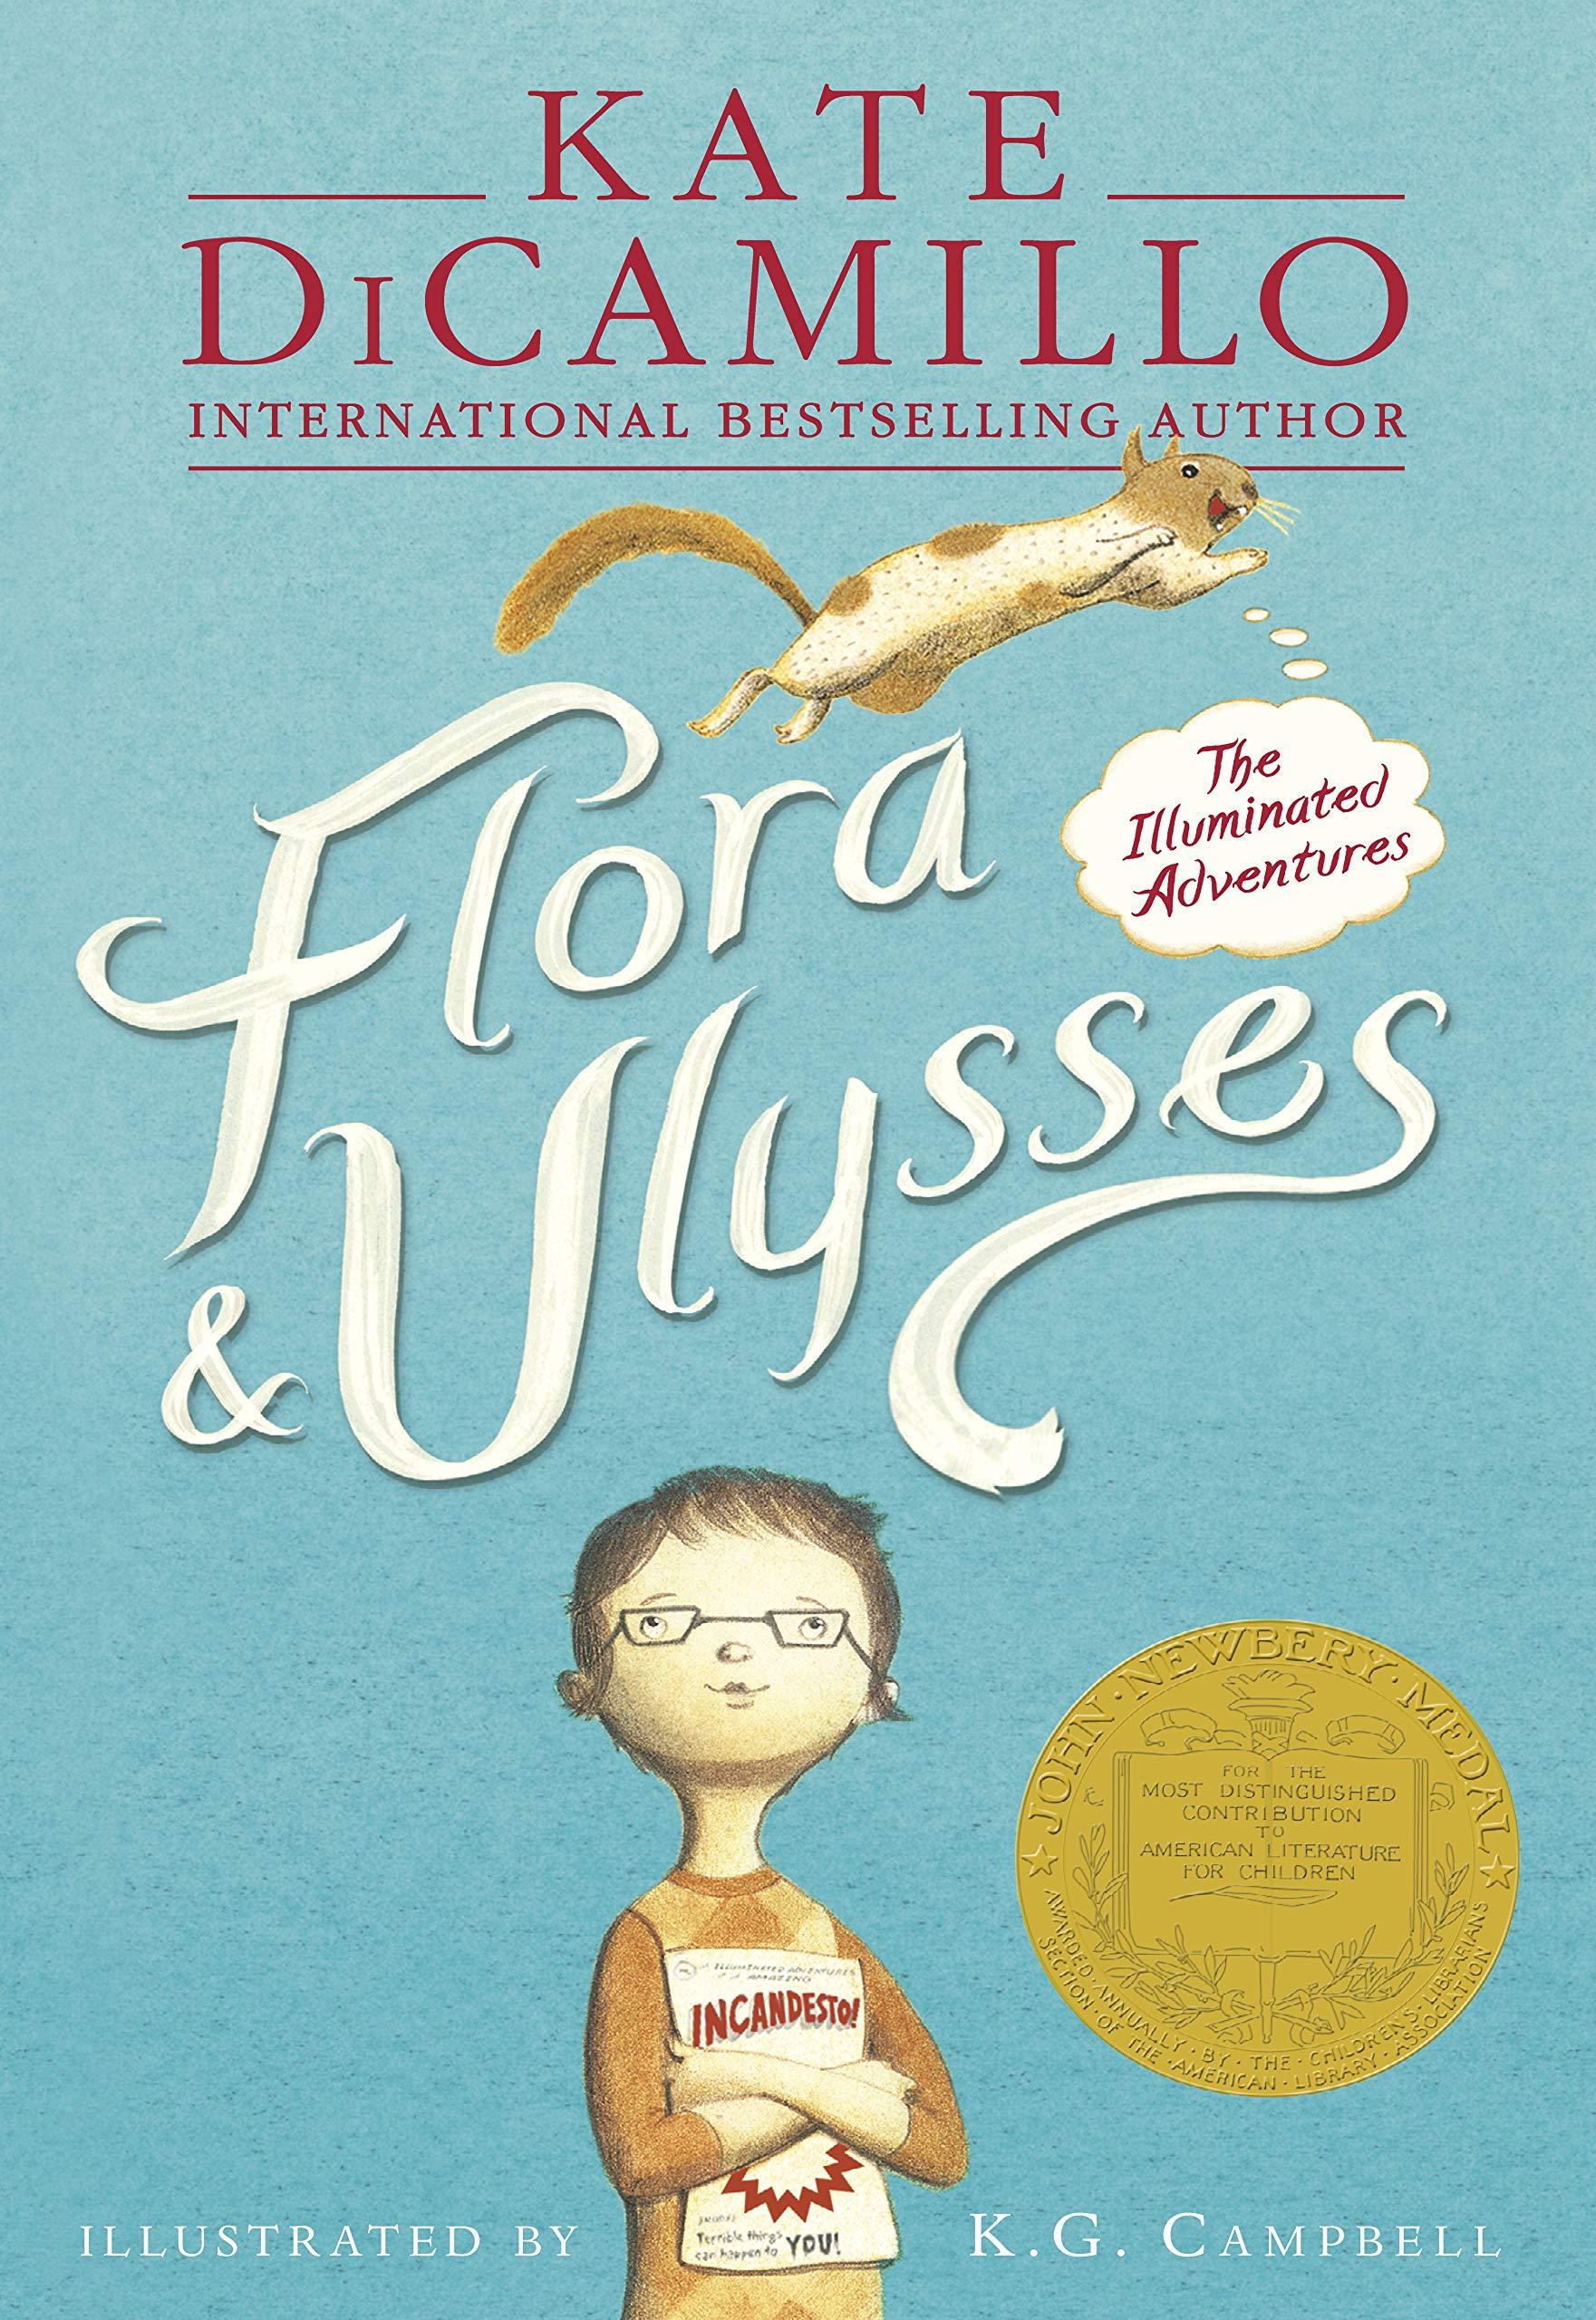 Flora & Ulysses Illuminated Adventures: Kate DiCamillo, Kate DiCamillo,  Kate DiCamillo: 9781406354560: Amazon.com: Books